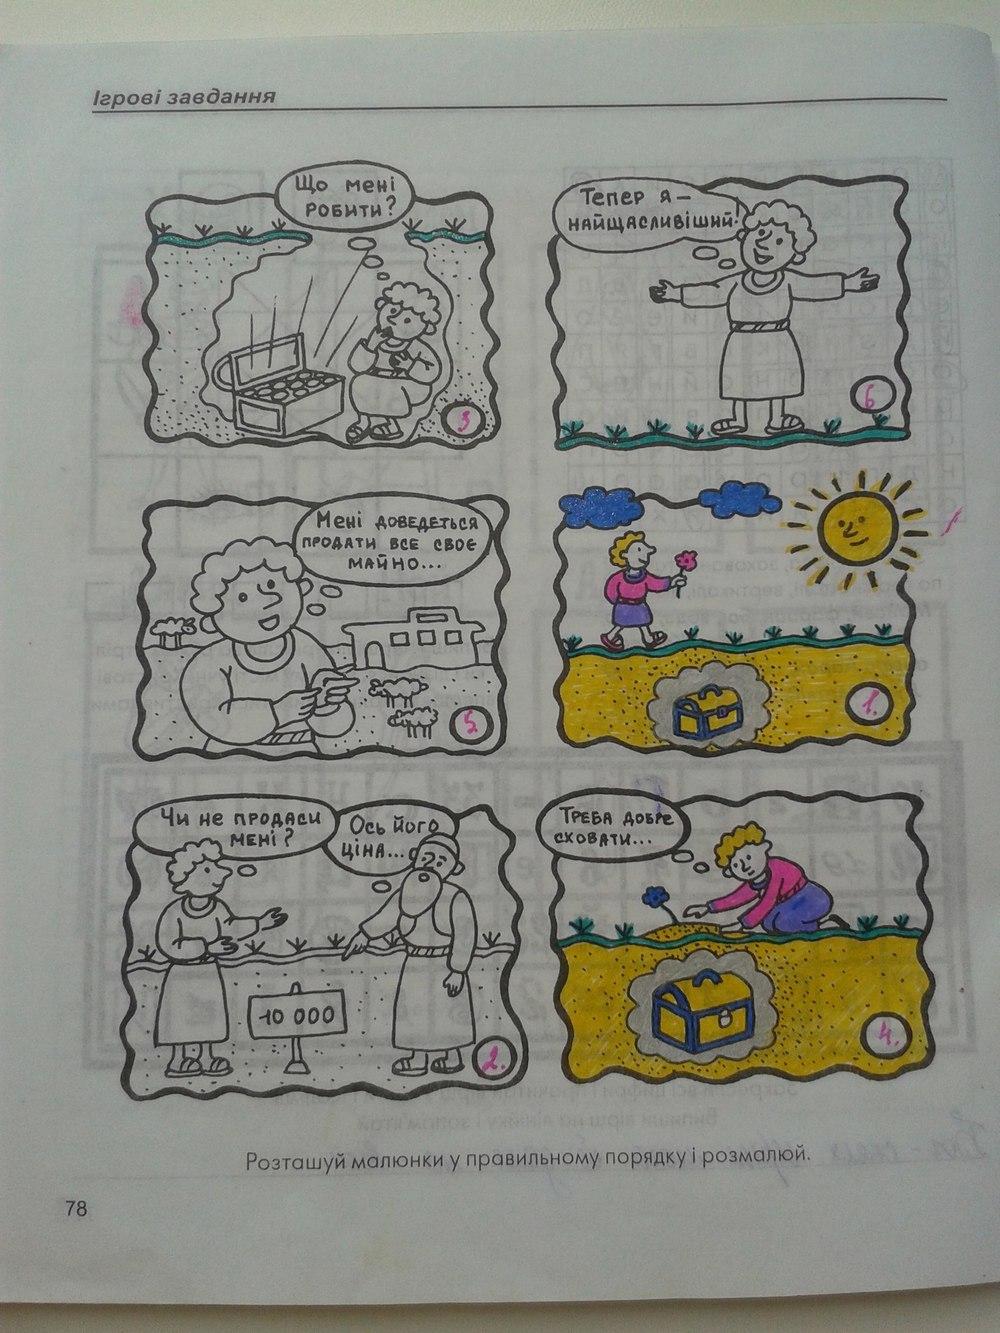 ГДЗ відповіді робочий зошит по этике 6 класс Г.О. Кізілова. Задание: стр. 78